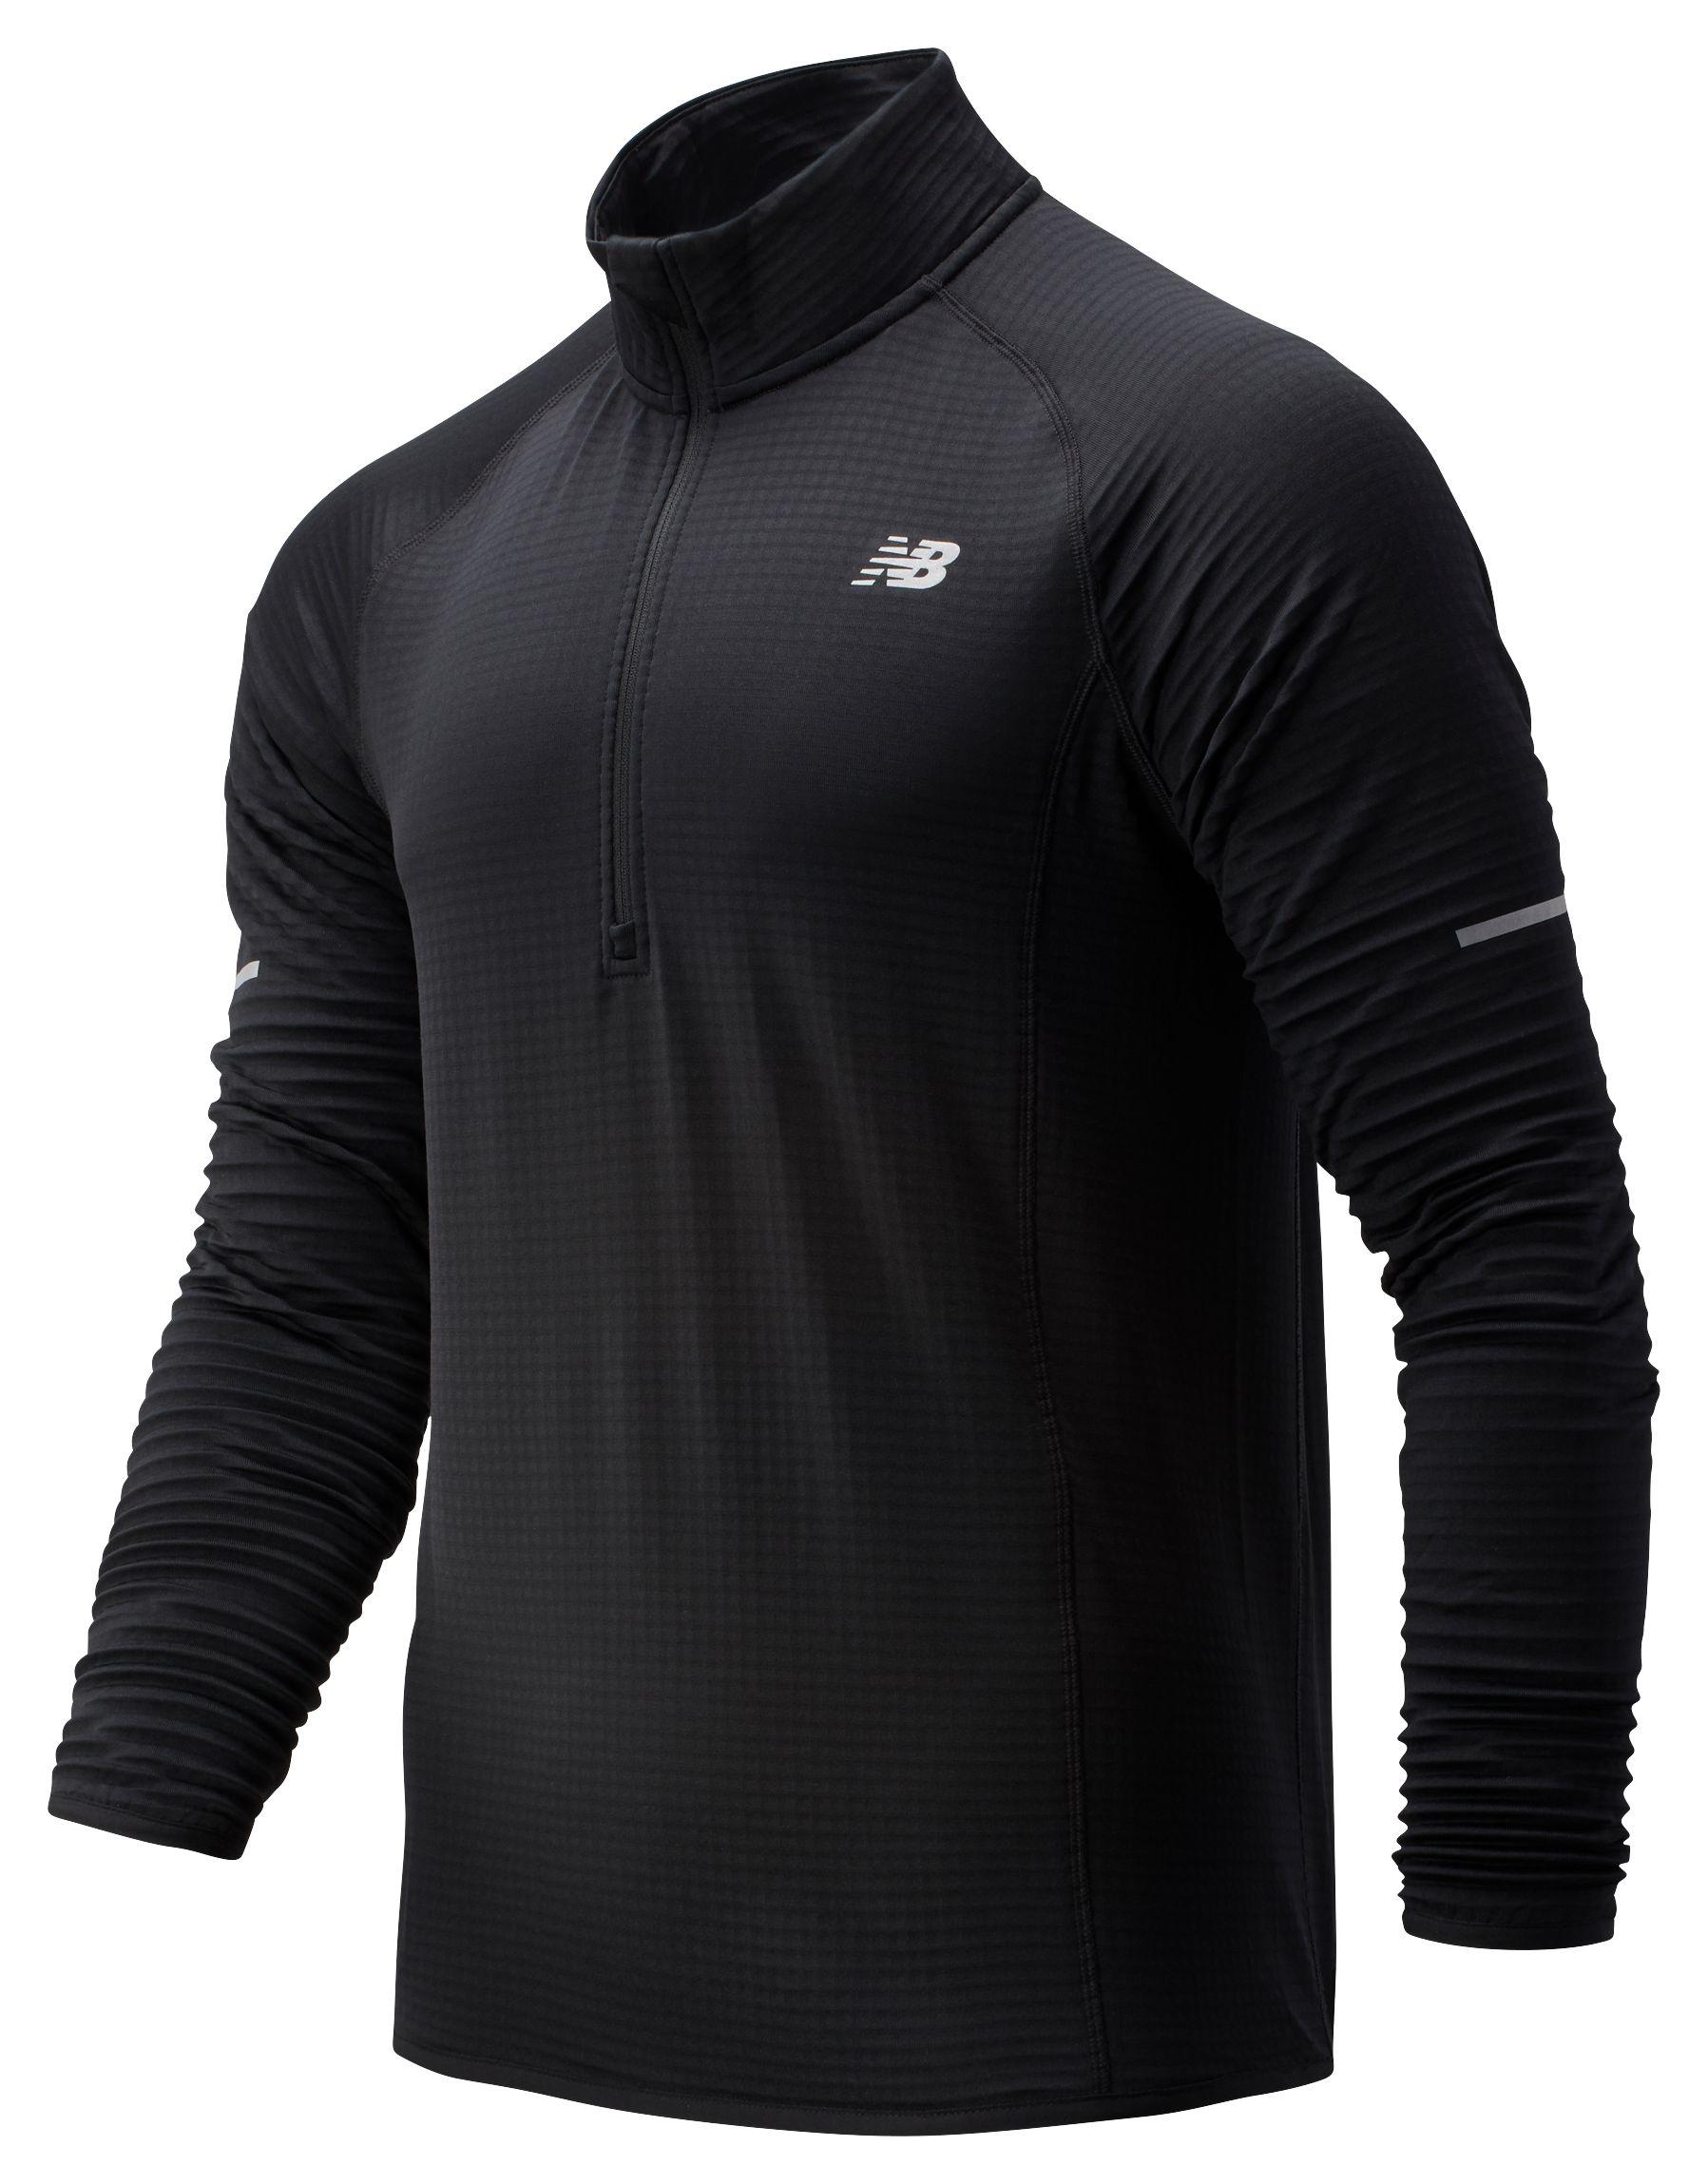 Men's Heat Quarter Zip